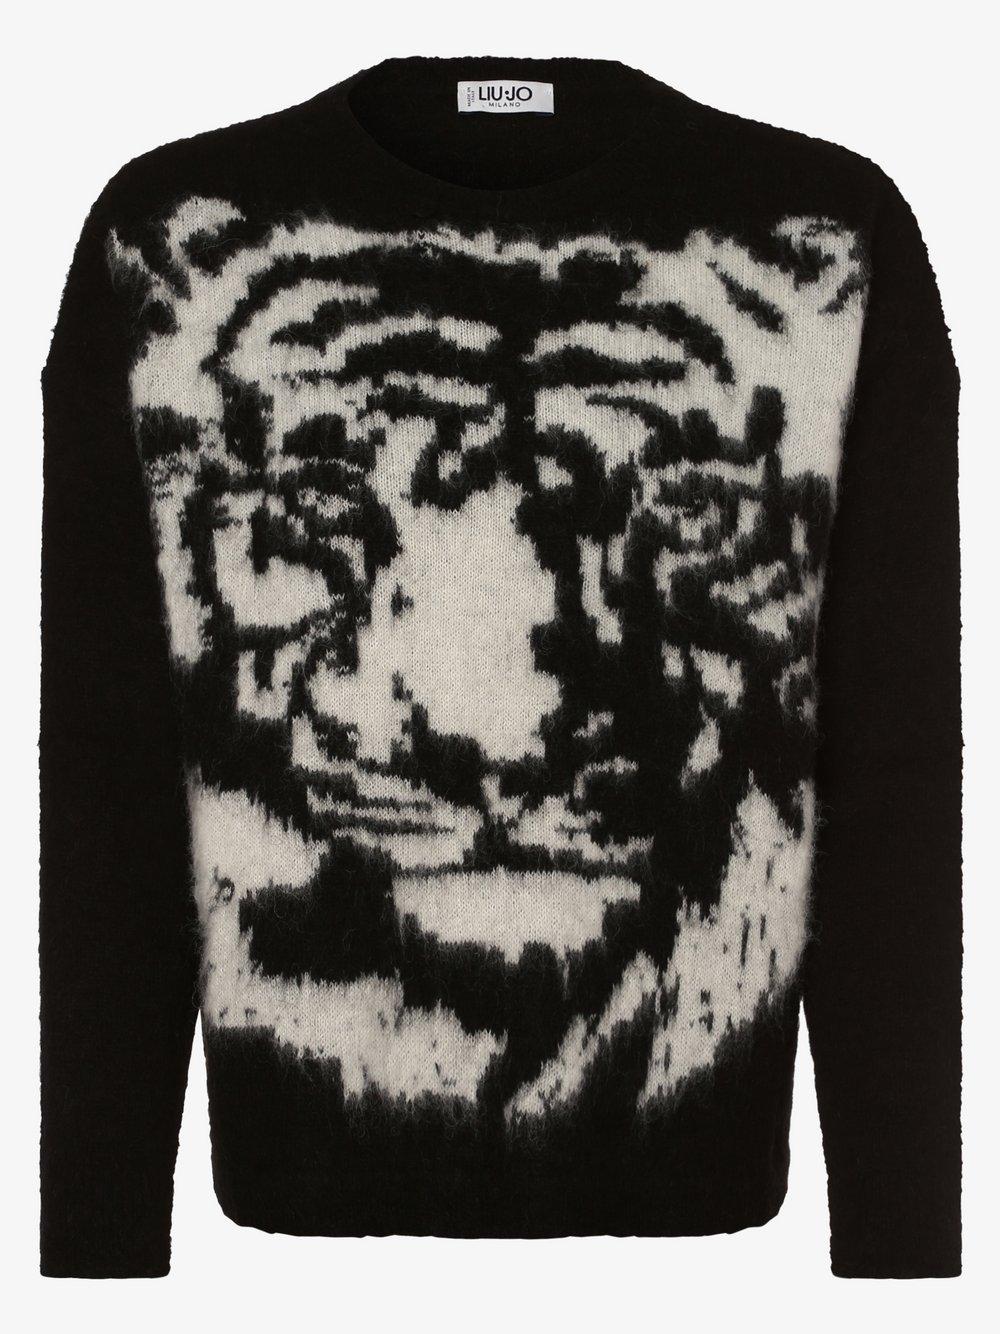 Liu Jo Collection - Sweter damski z dodatkiem alpaki, czarny